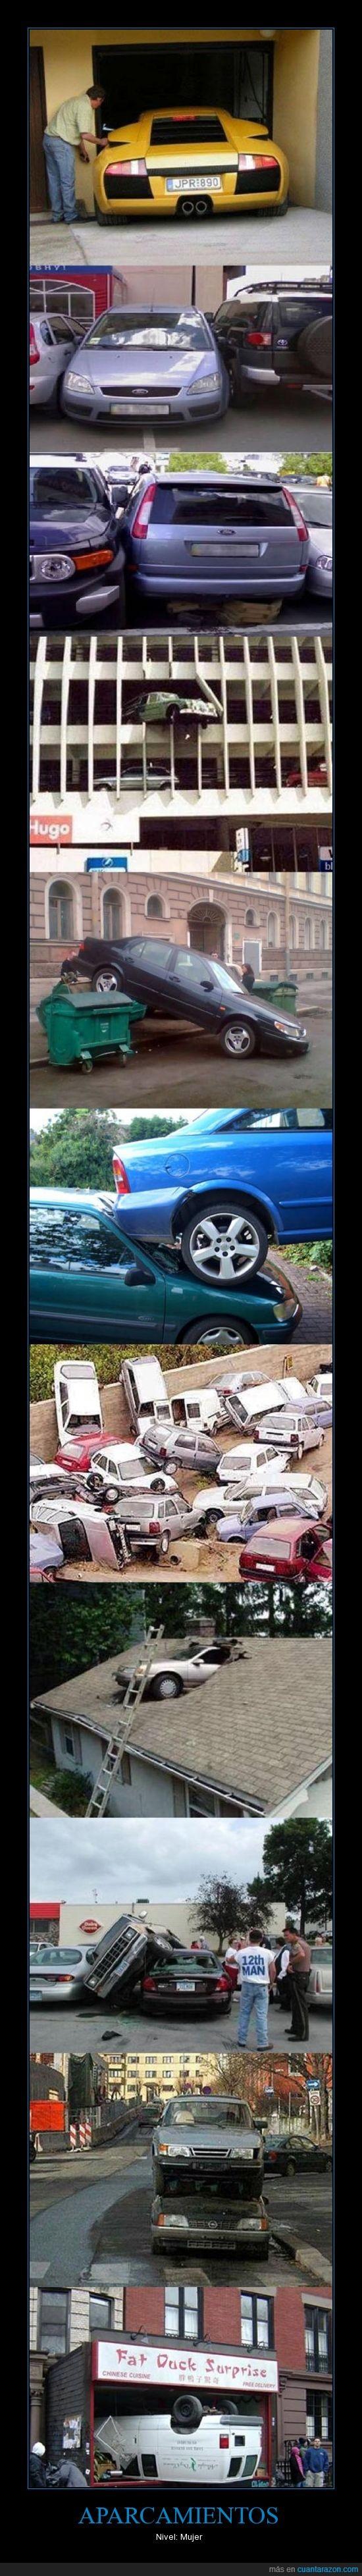 accidente,aparcamiento,aparcar,coche,fatal,mal,mujer